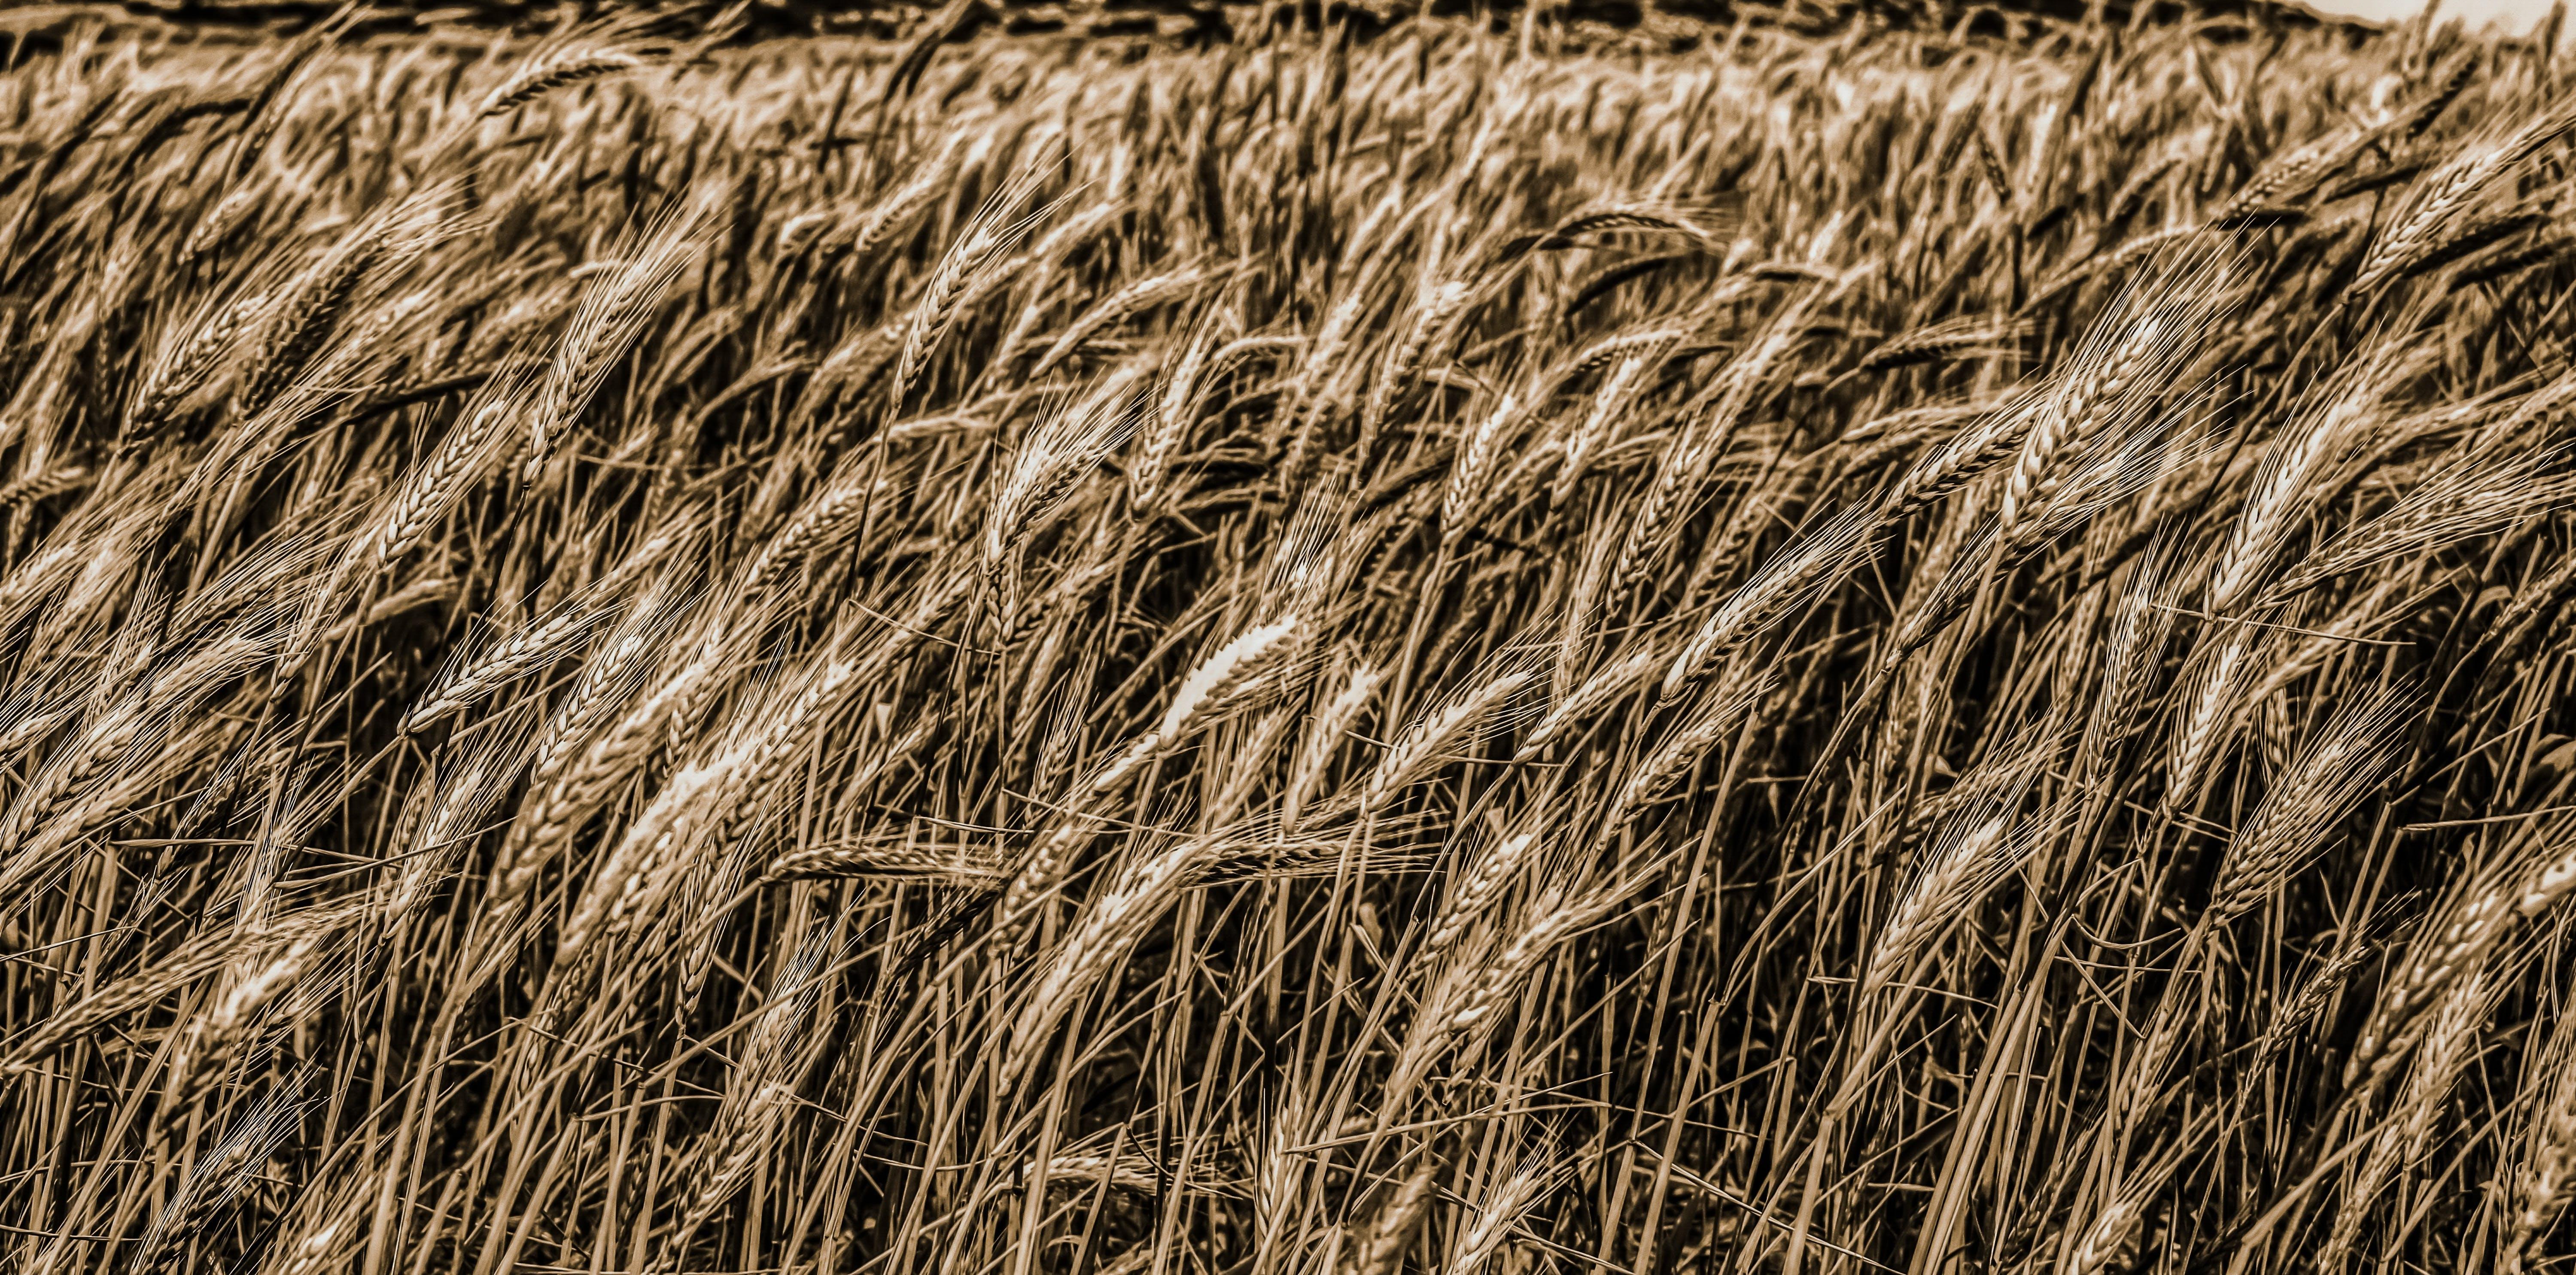 Gratis lagerfoto af afgrøder, agerjord, bane, hvedemark